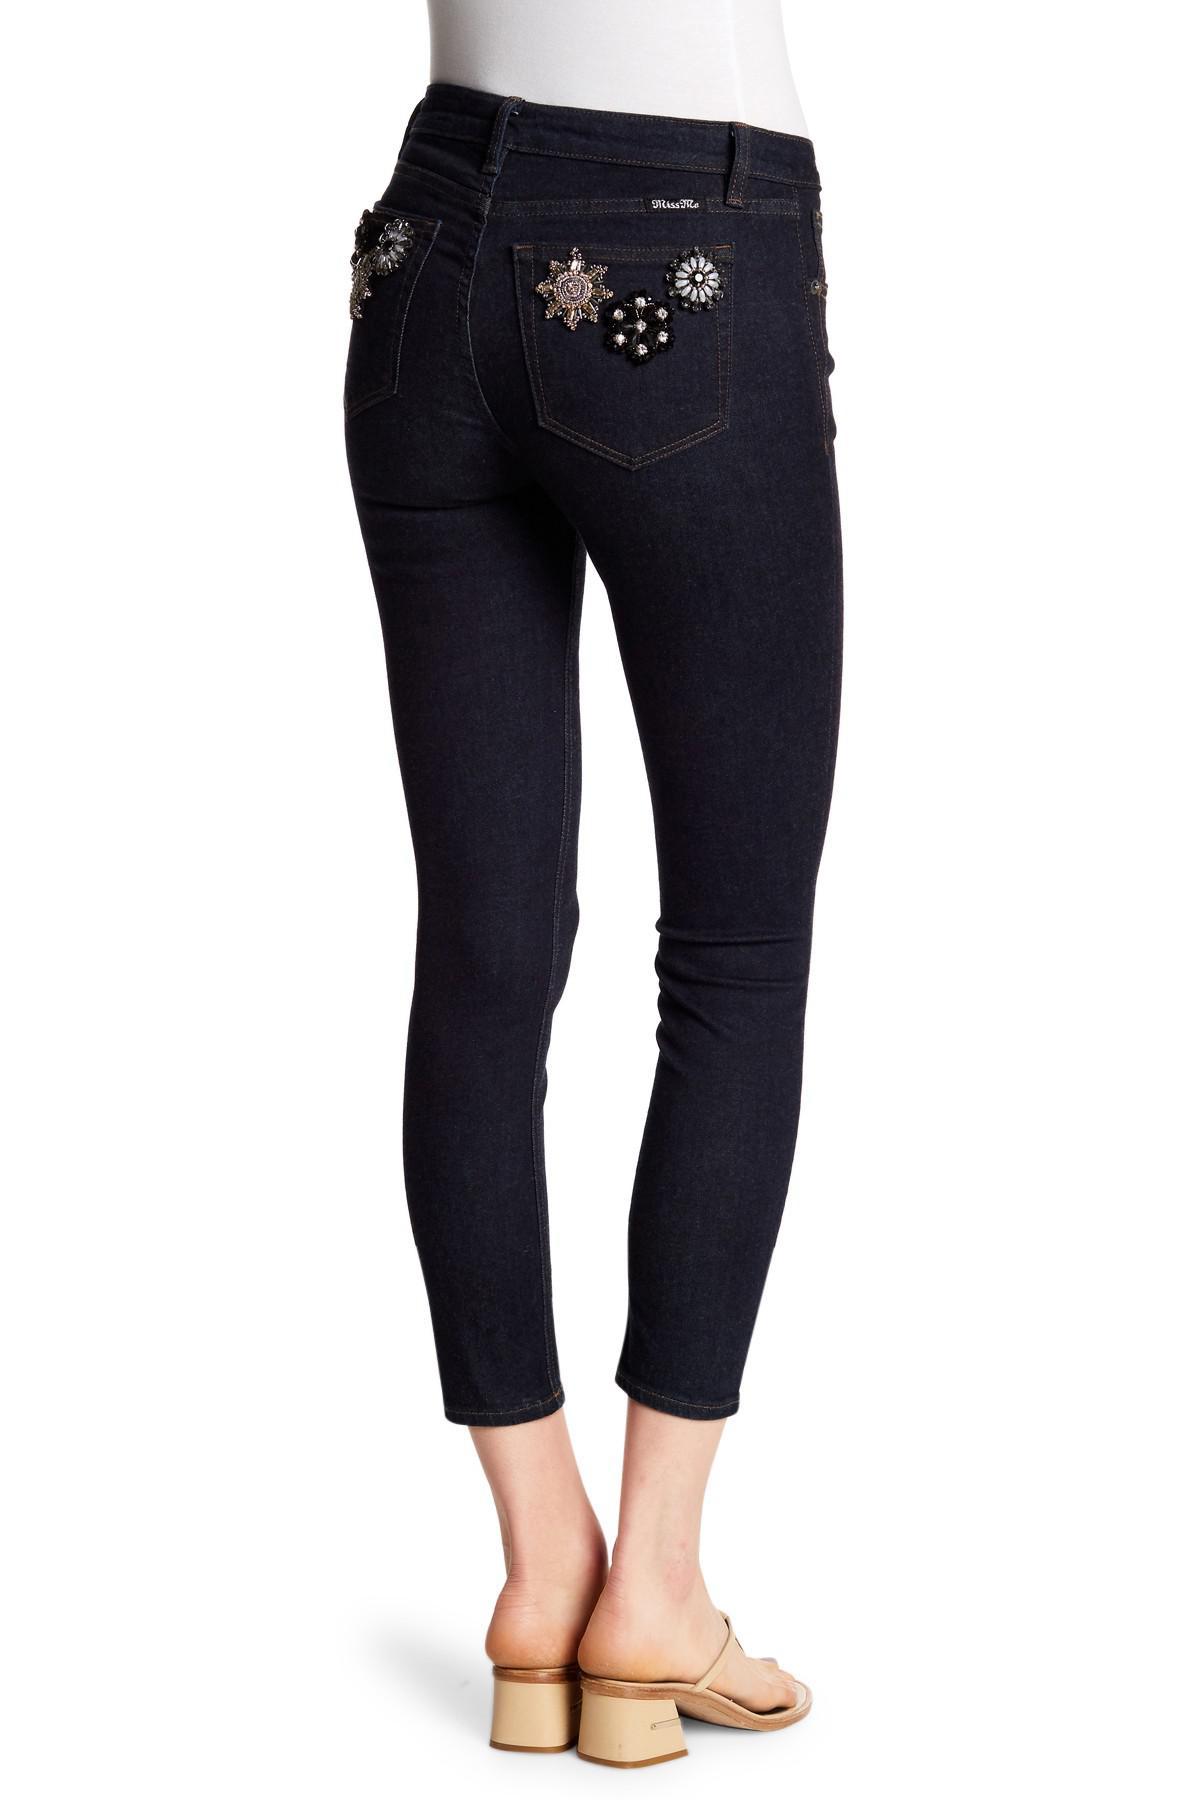 912852b97ef Miss Me - Blue Embellished Back Pocket Ankle Skinny Jeans - Lyst. View  fullscreen